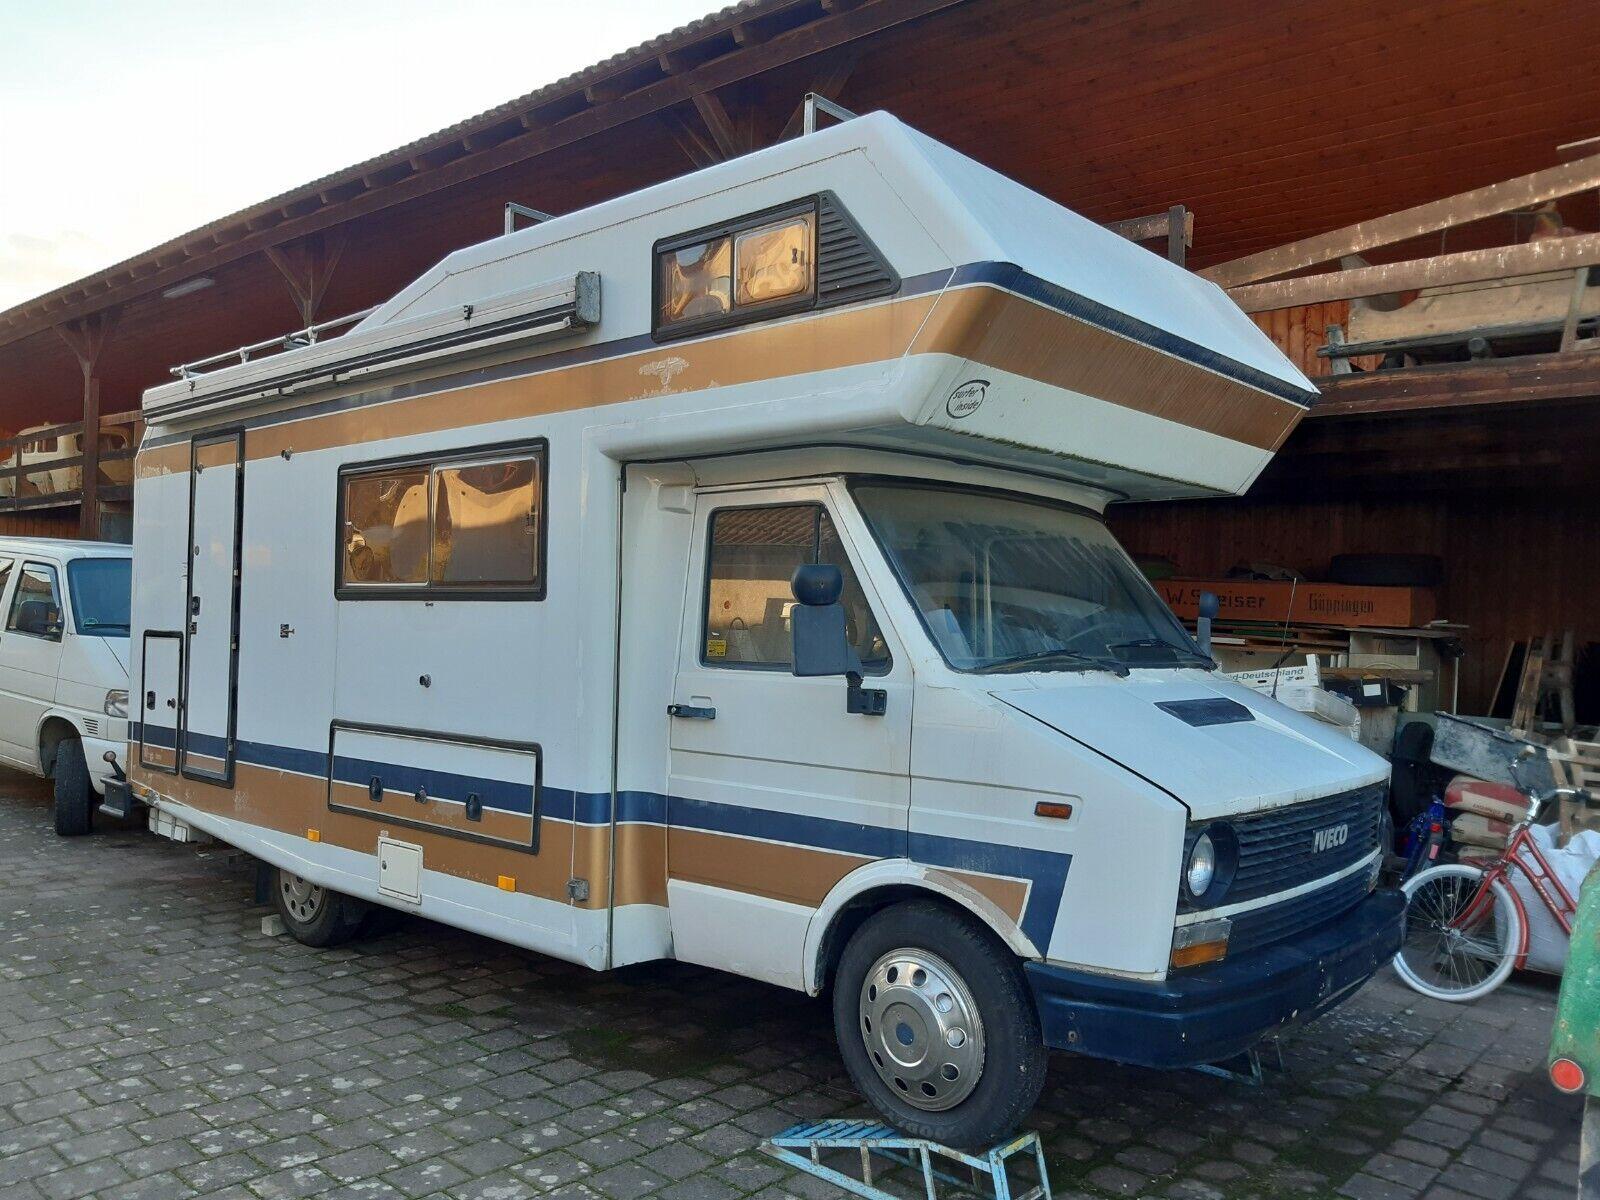 Wohnmobil Iveco Daily 2,5TD Niesmann+Bischoff Clou 570 Oldtimer Diesel, LPG Tank